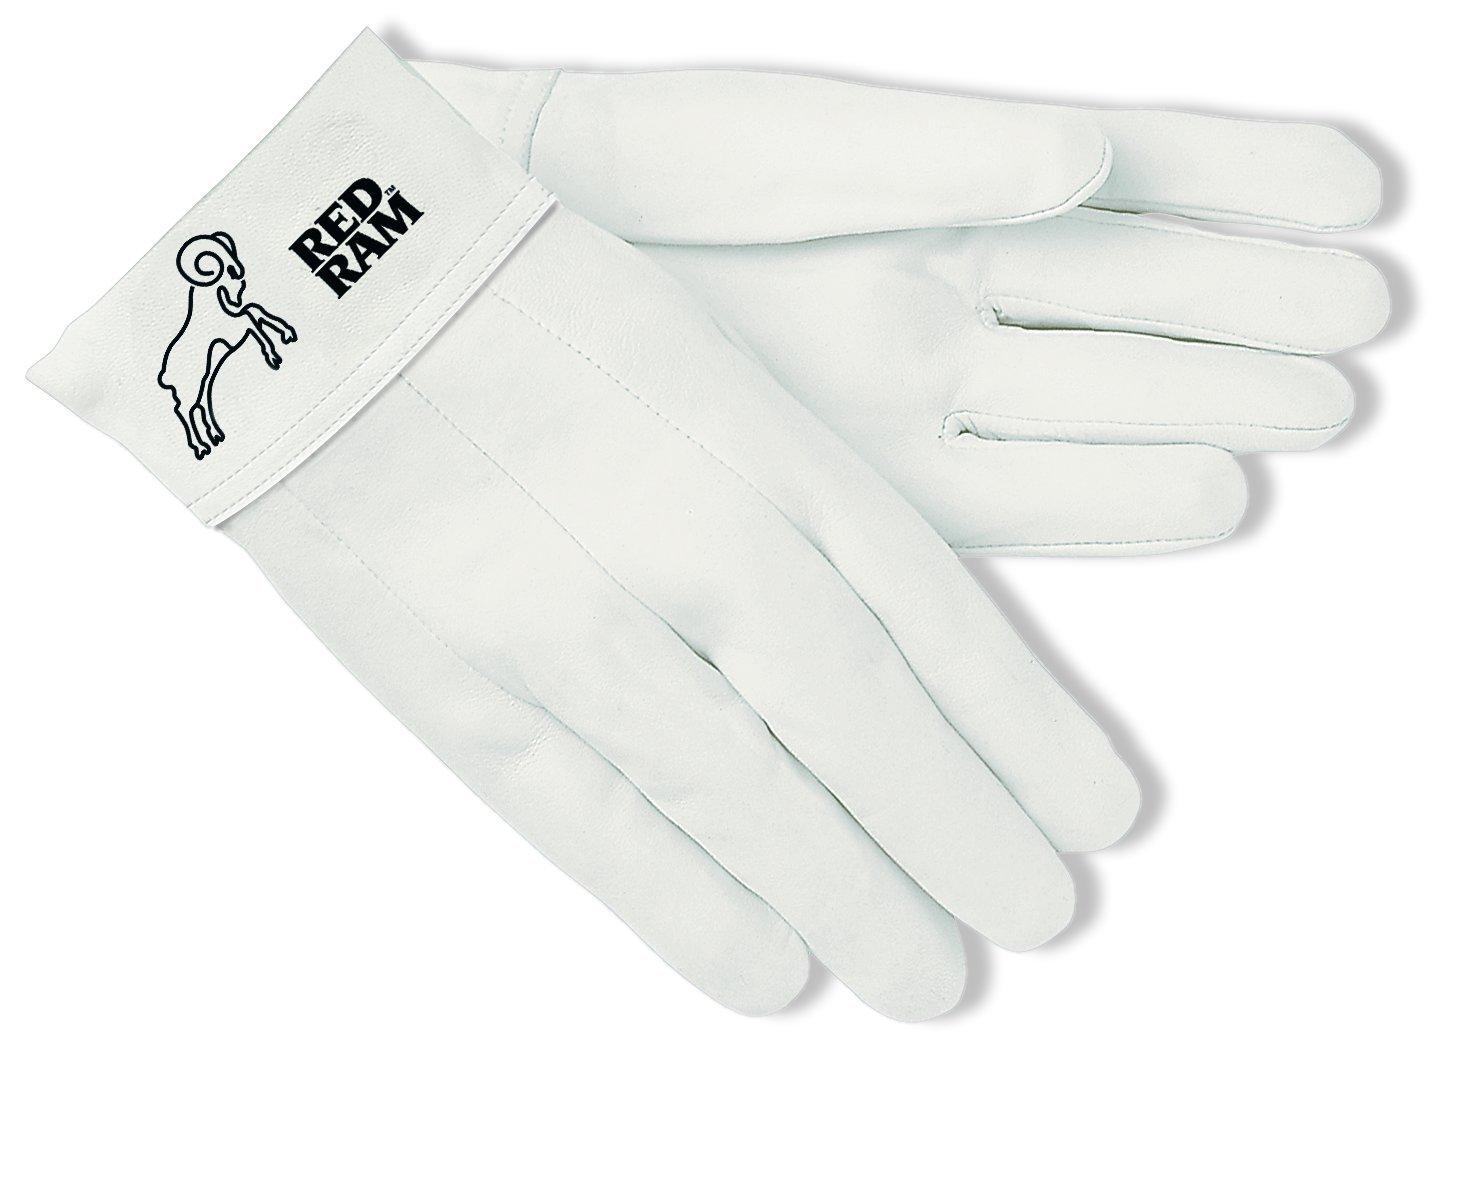 MCR Safety 4910 Red Ram Premium Grade Grain Goatskin MIG/TIG Welder Gloves with 2-Inch Bandtop Cuff, White, Size 10, 1-Pair